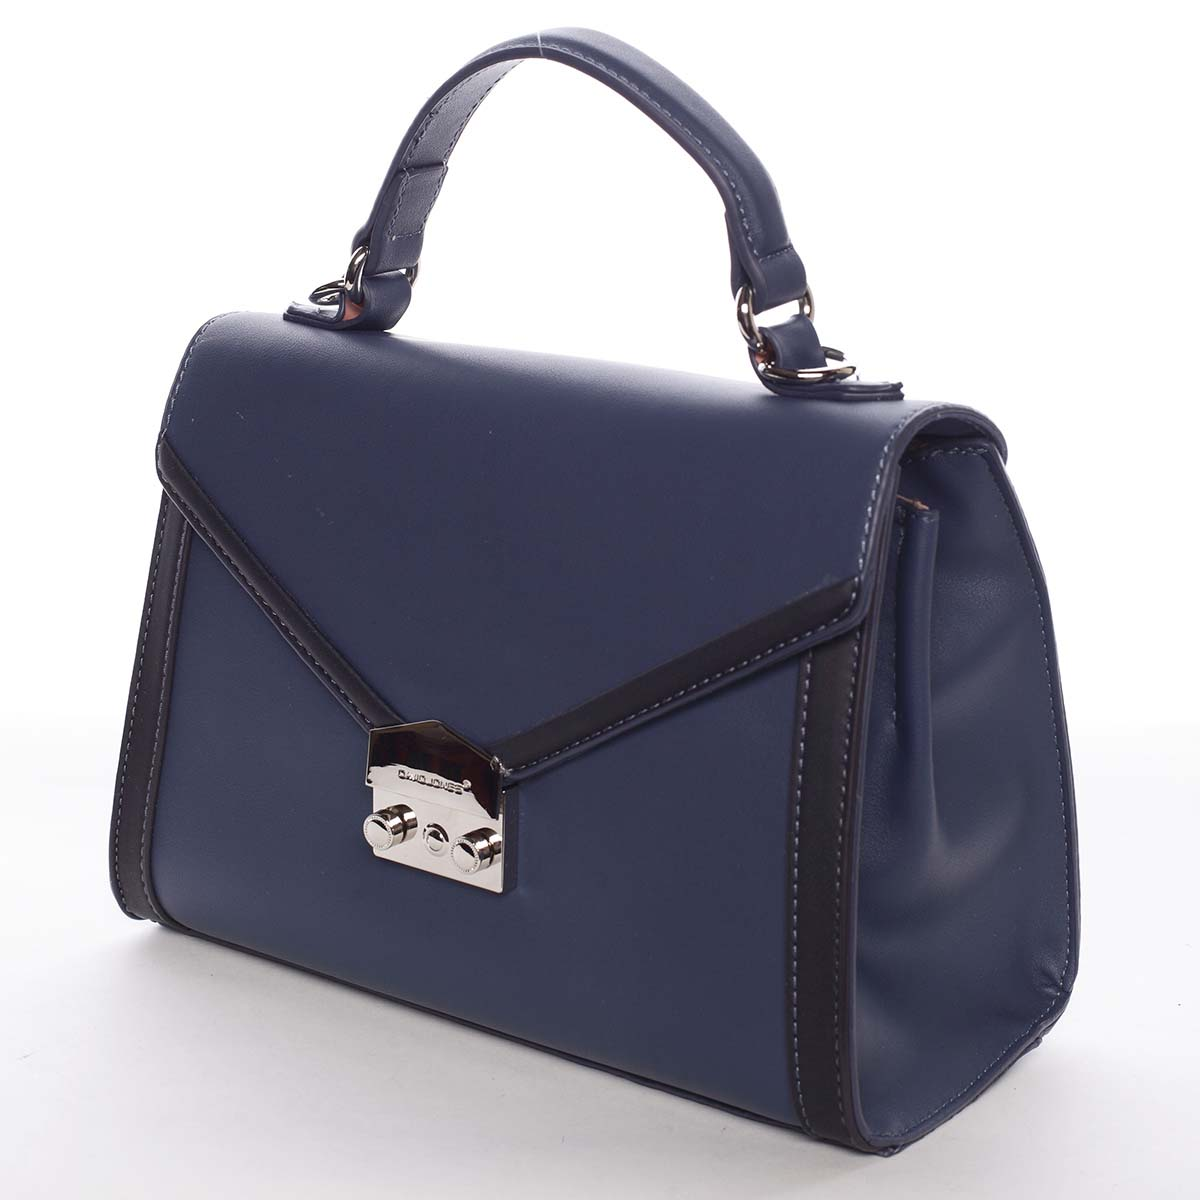 Exkluzivní menší dámská kabelka do ruky tmavě modrá - David Jones Mayumi